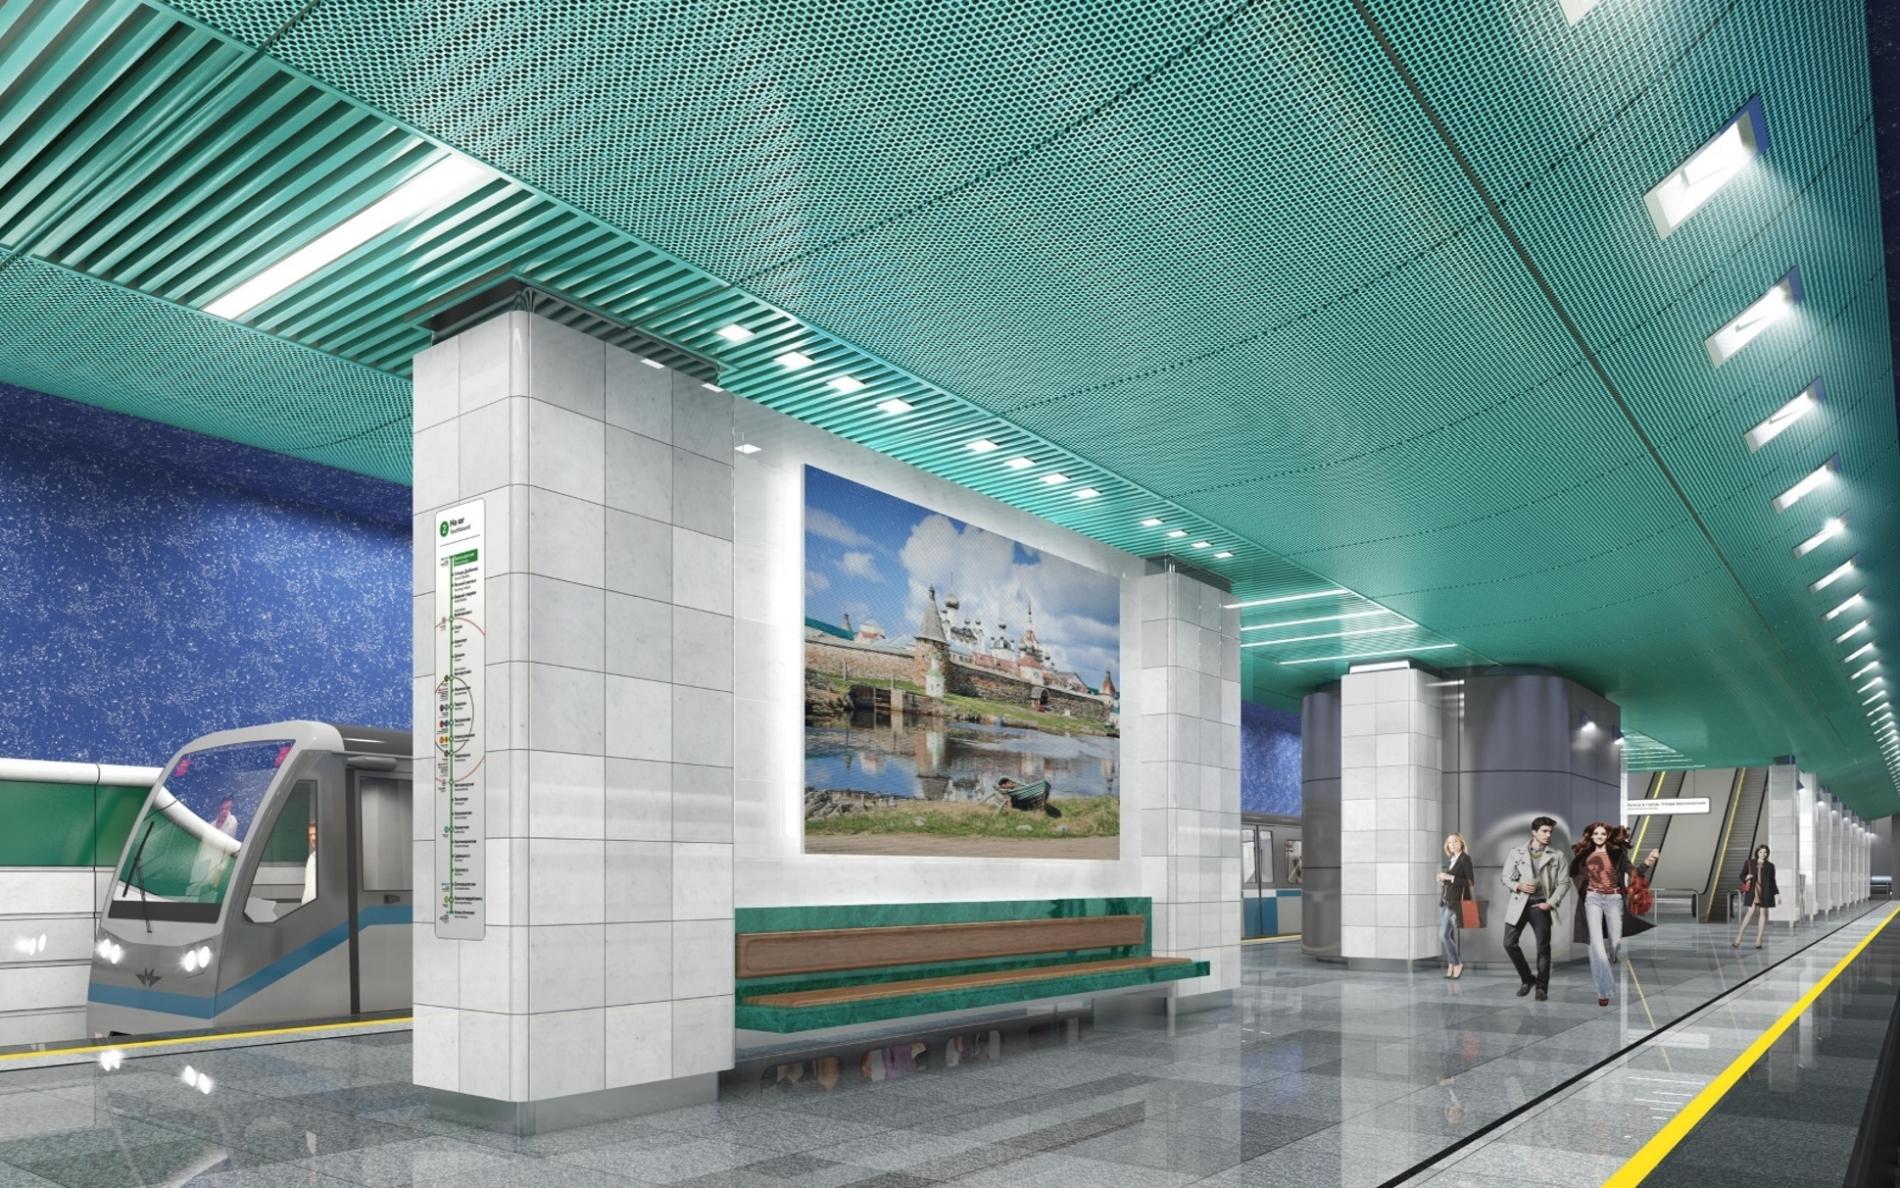 Мэр Москвы торжественно открыл «Беломорскую» - новую станцию метро между «Ховрино» и «Речным Вокзалом»